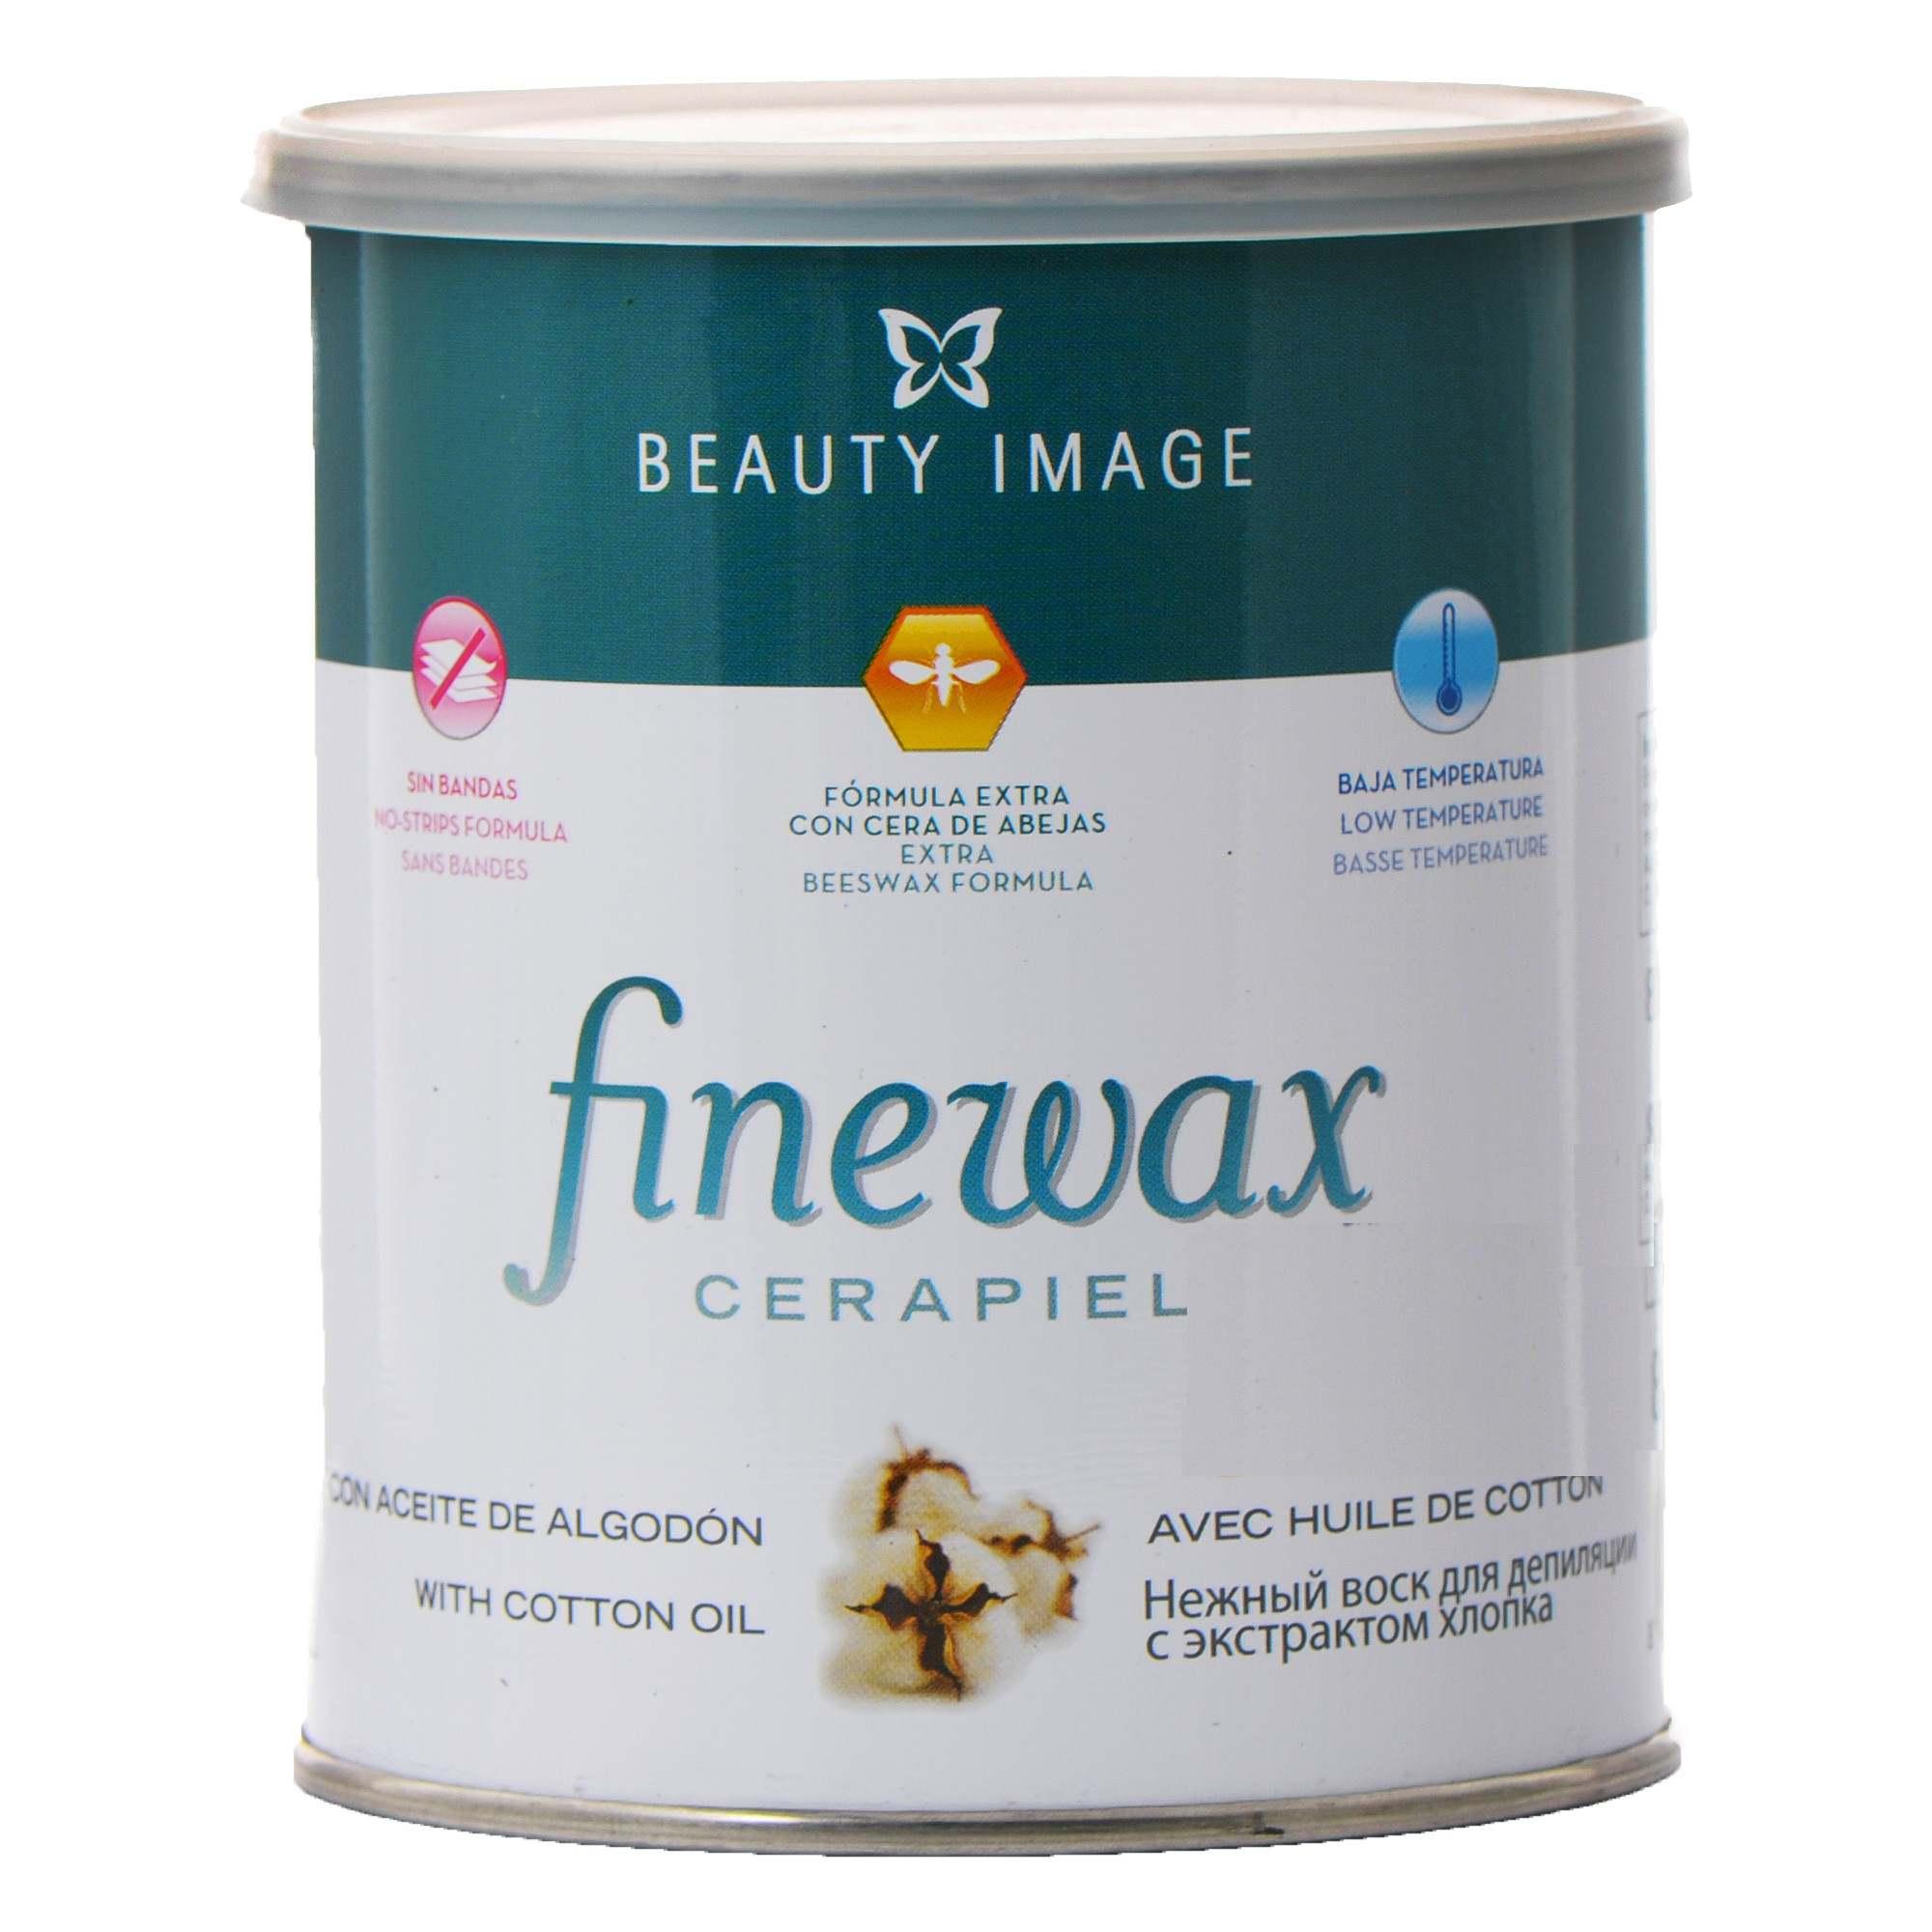 BEAUTY IMAGE ���� ��������� � ���������� ������, ����� / FINEWAX 800��